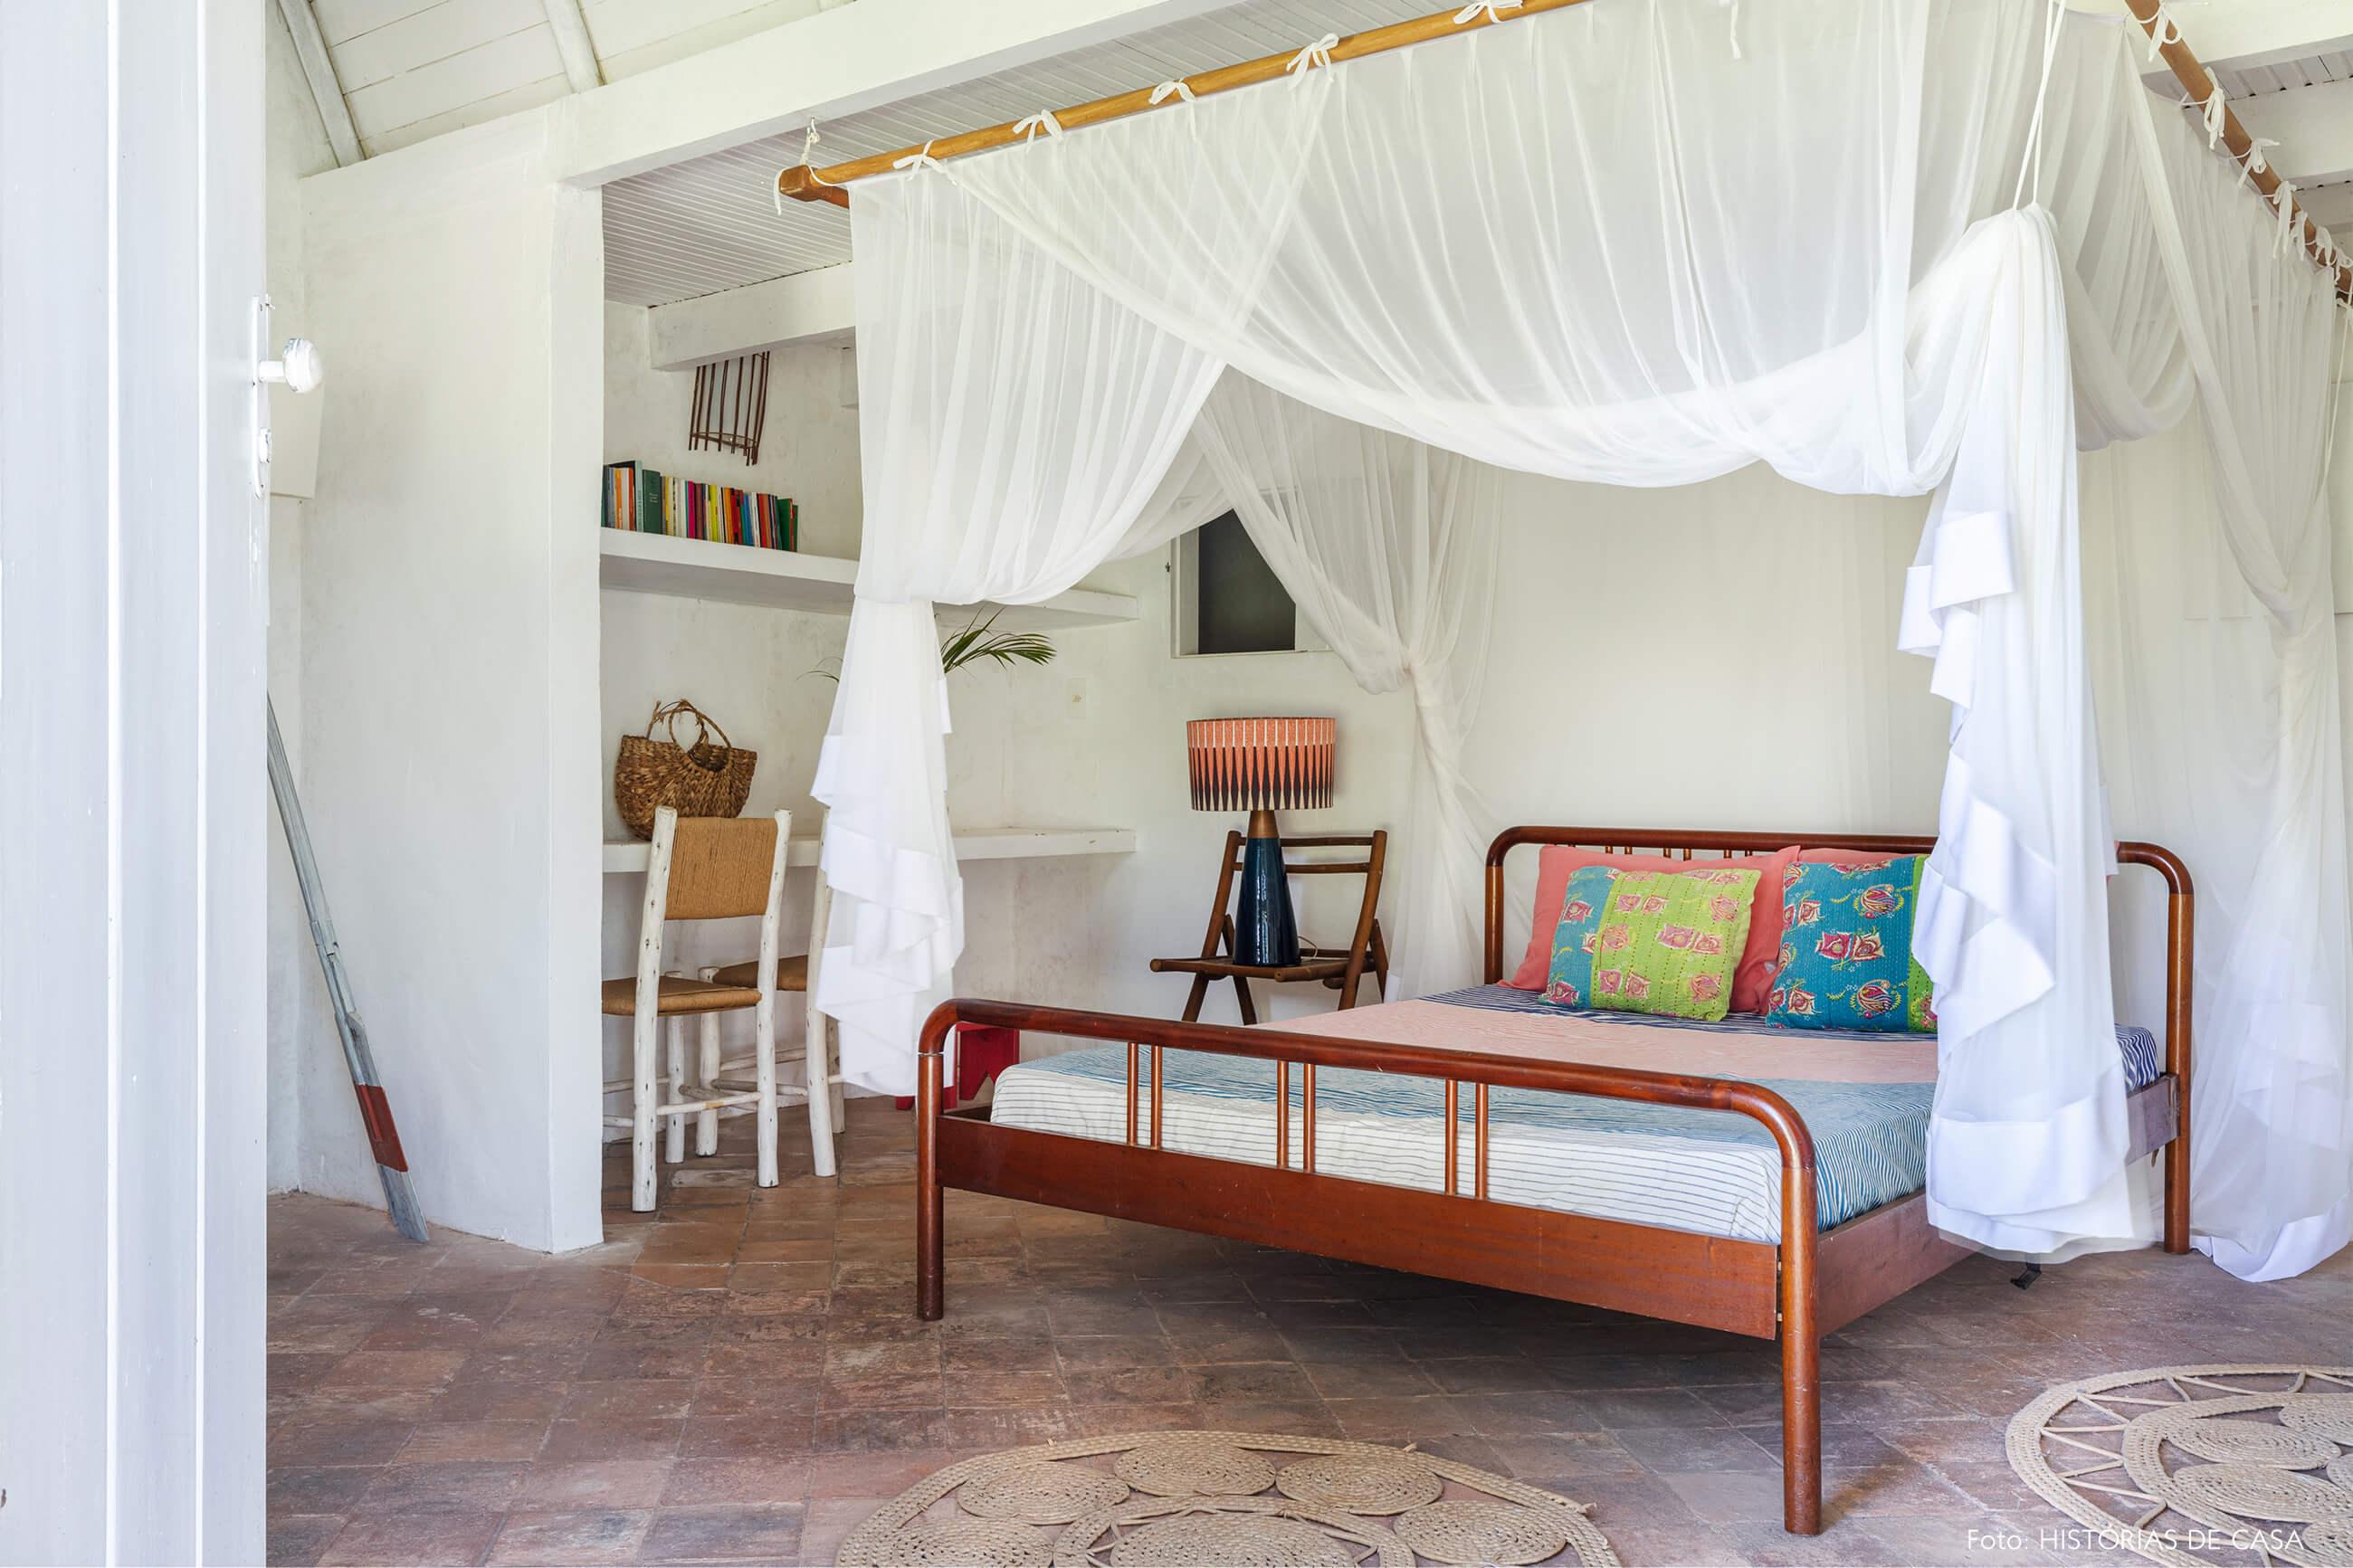 flavia-decoração-trancoso-quarto-com-cama-e-cadeiras-de-madeira